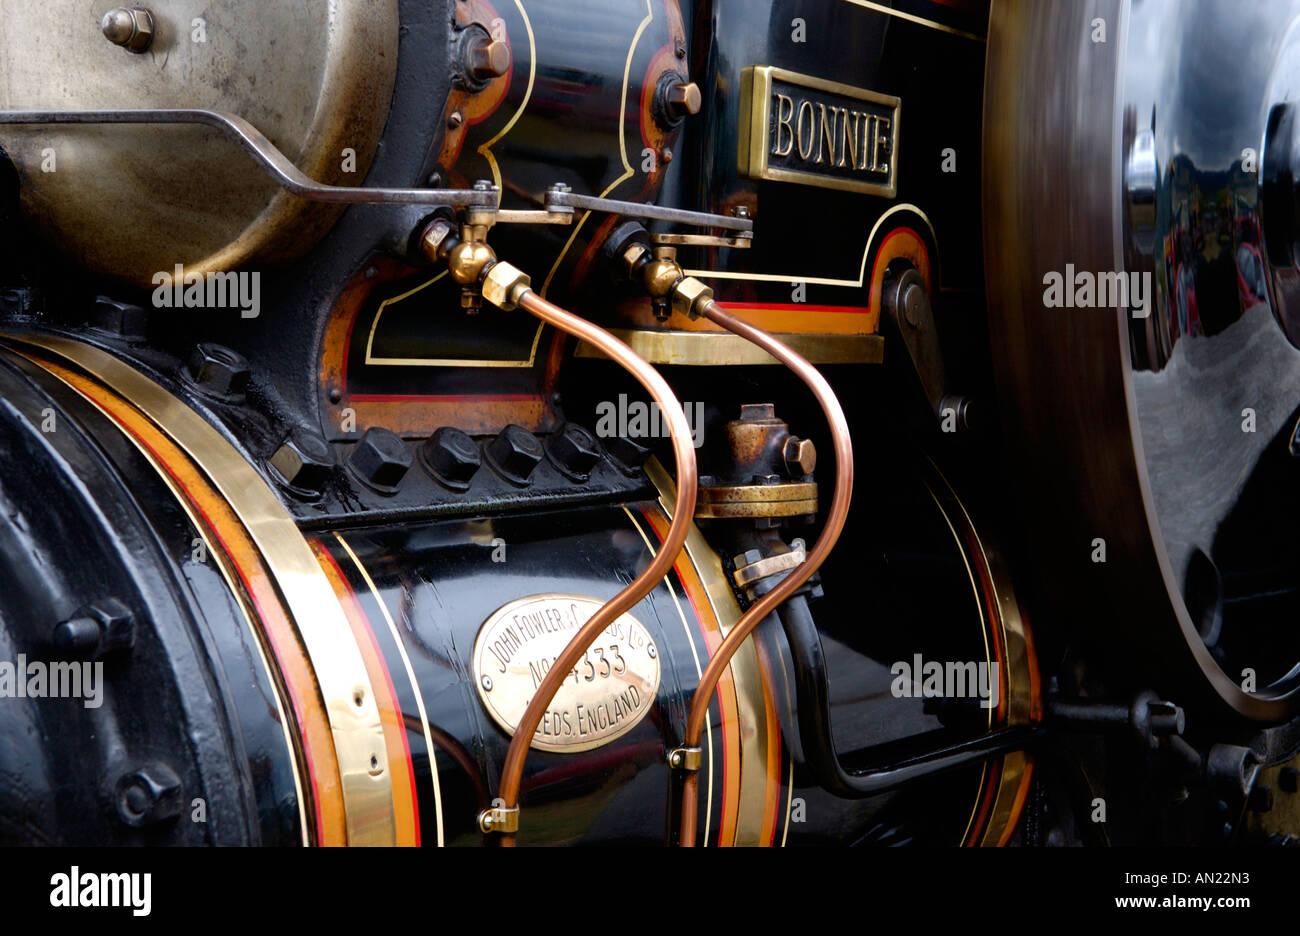 Fowler Compound 12 Tonne Roller Registrierung Nummer Ad 8773 Bonnie